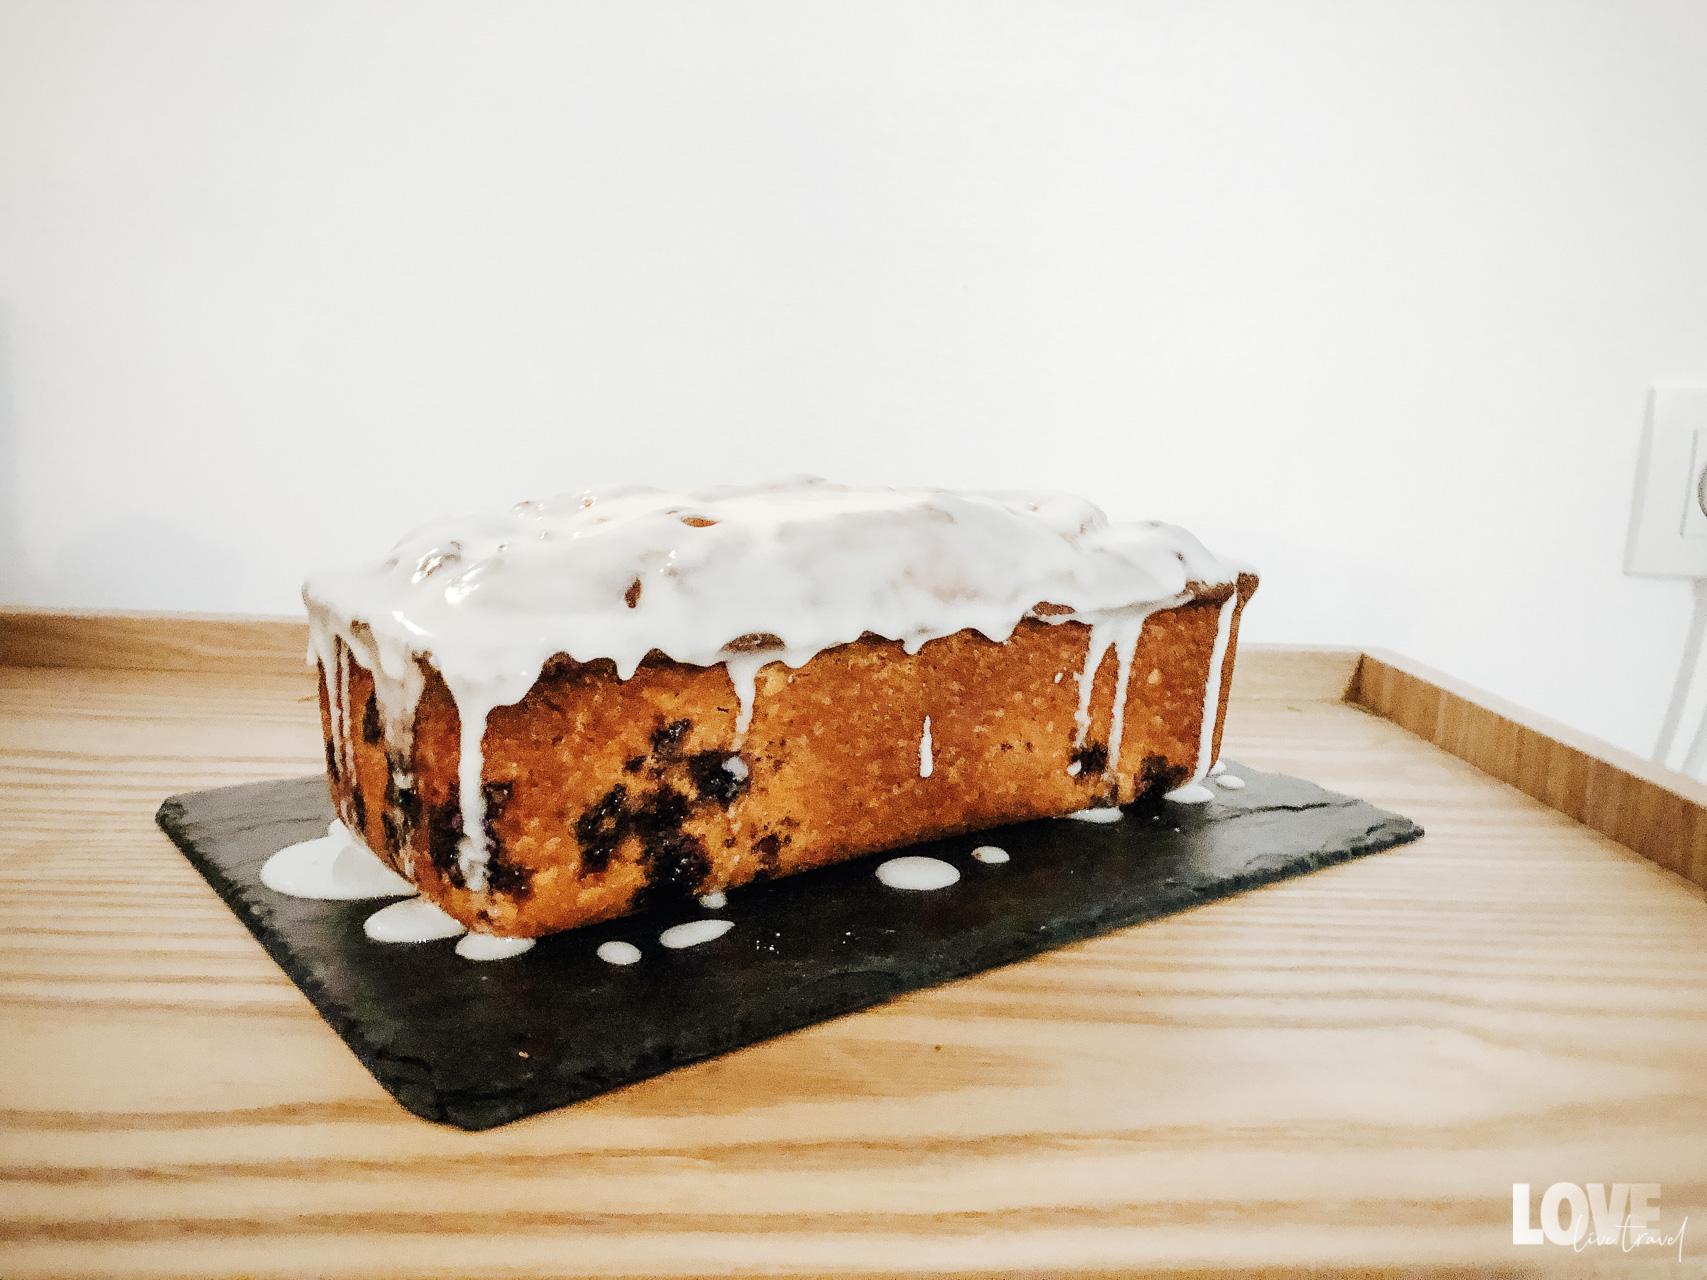 Recette du cake au citron et myrtilles